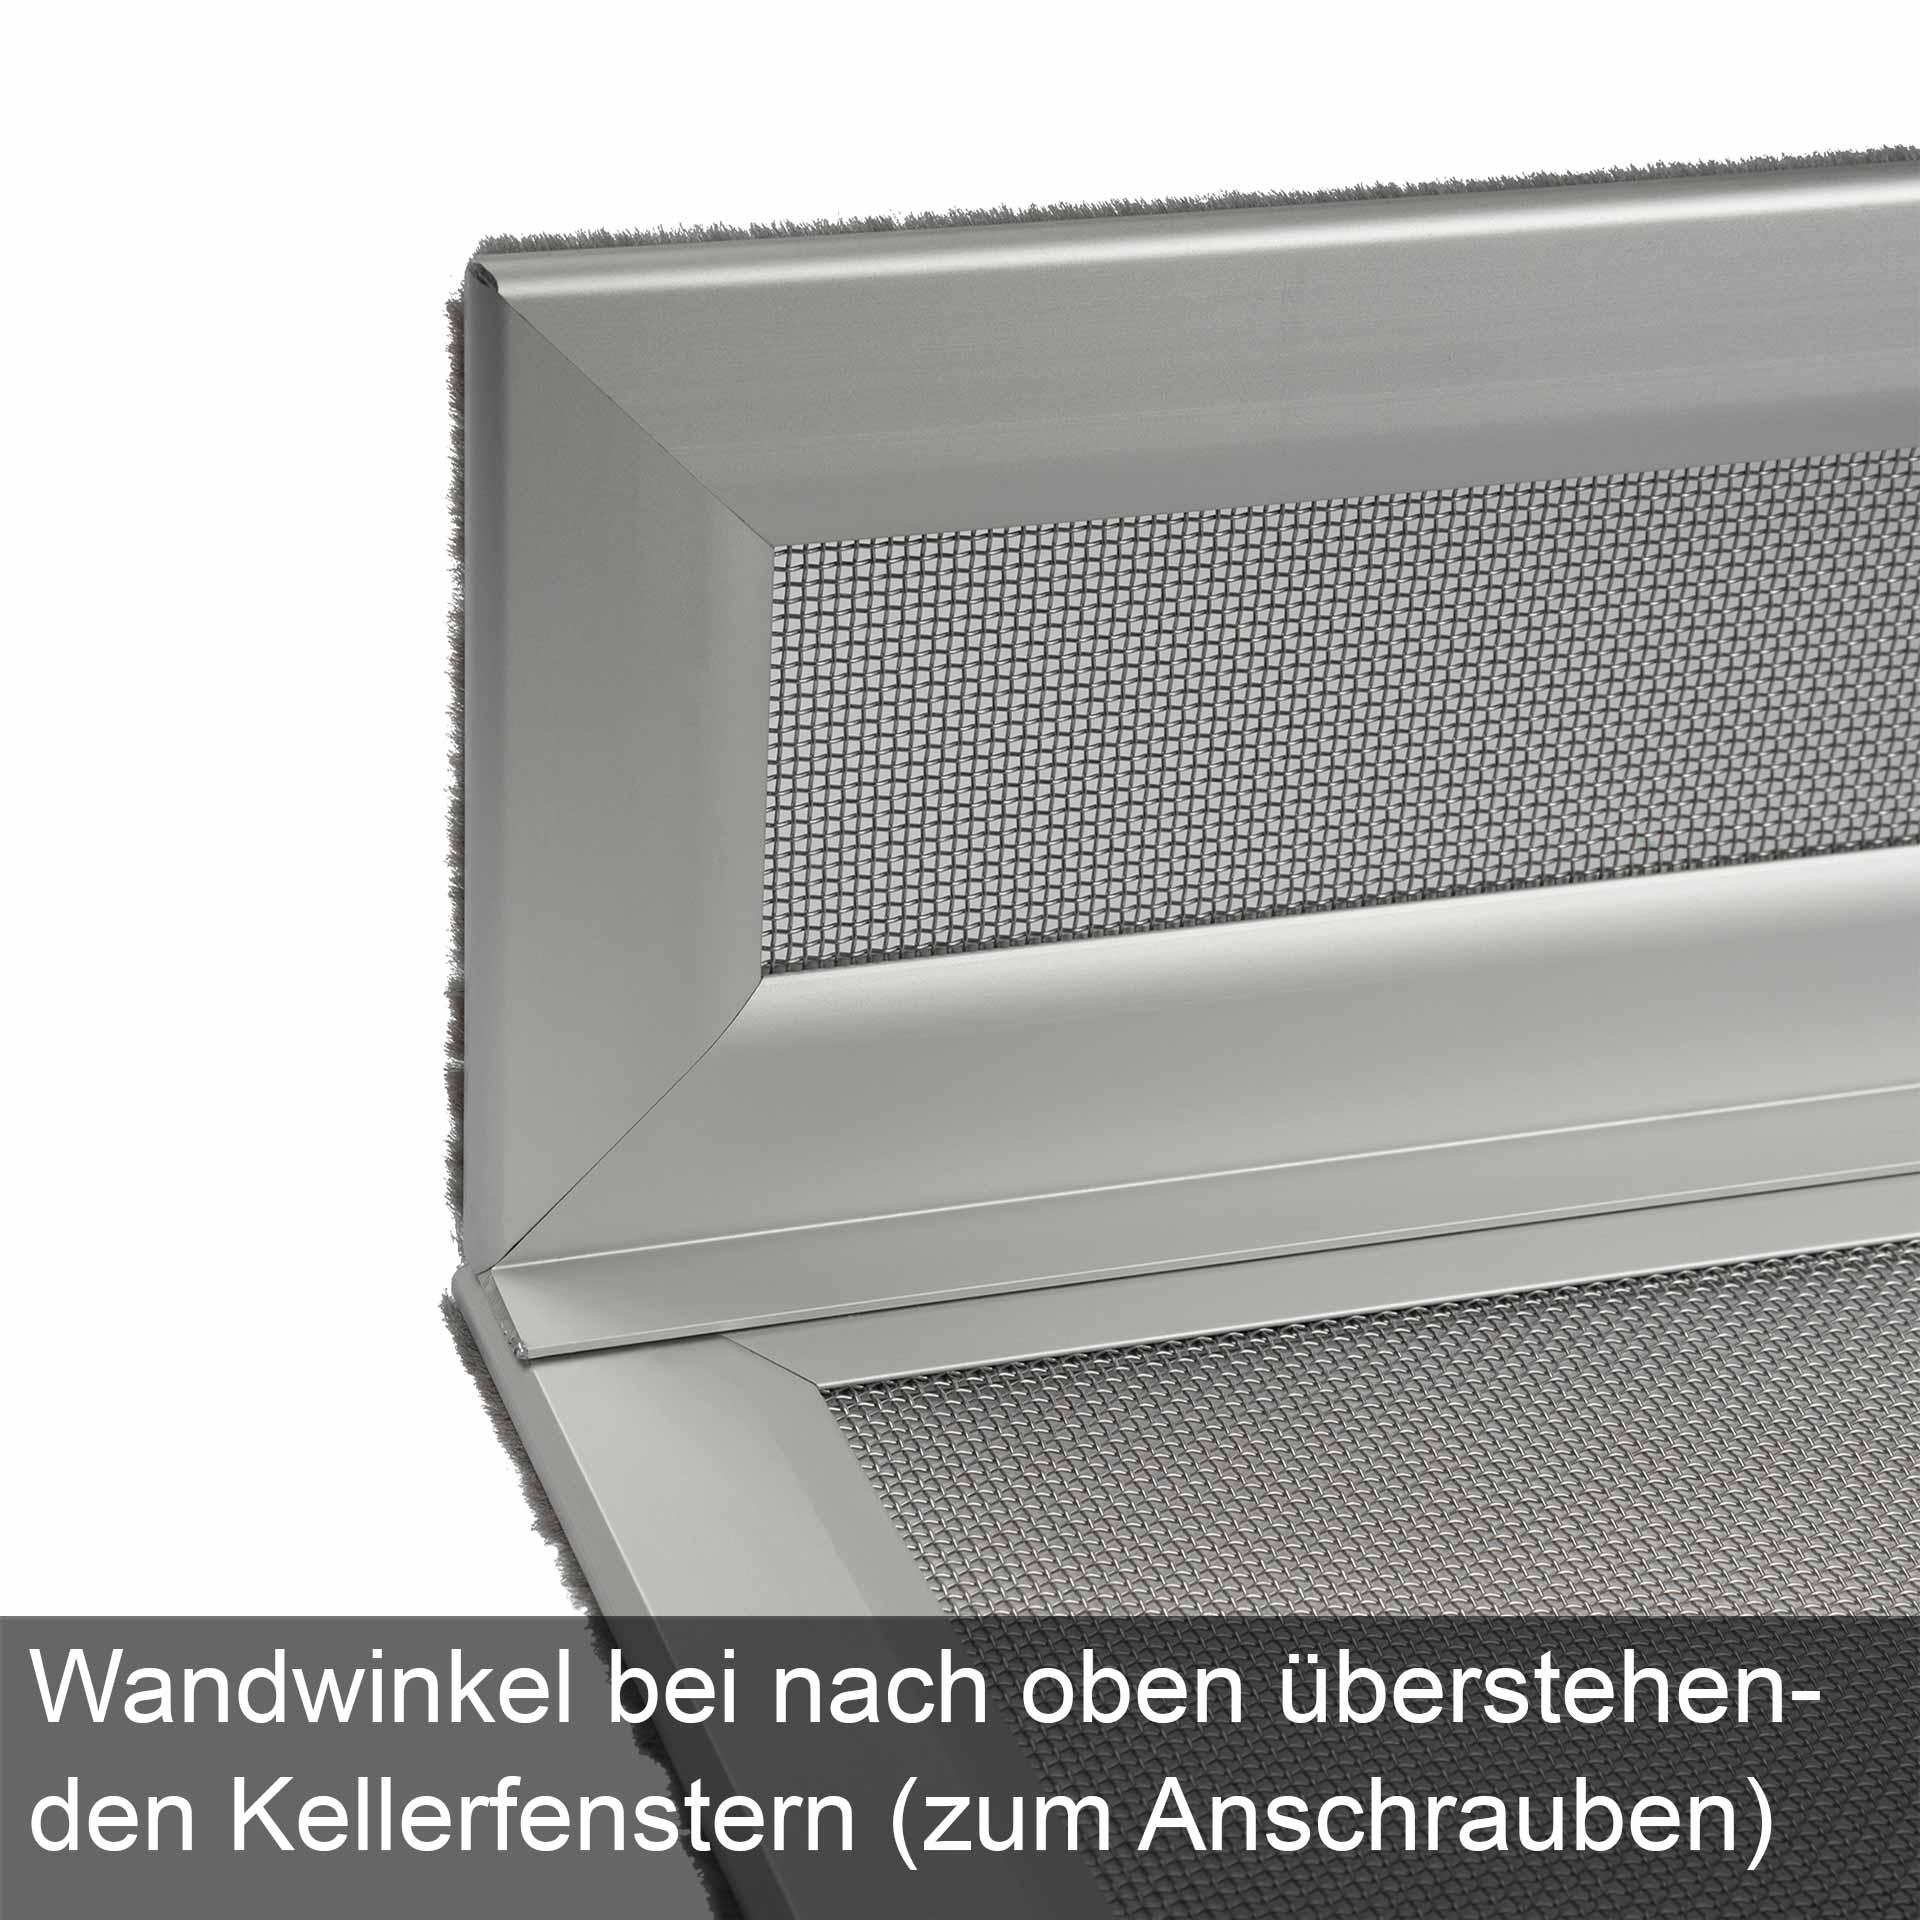 Lichtschachteinsatz, auch mit Sicherungskette für mehr Sicherheit | Cleanline-Safe